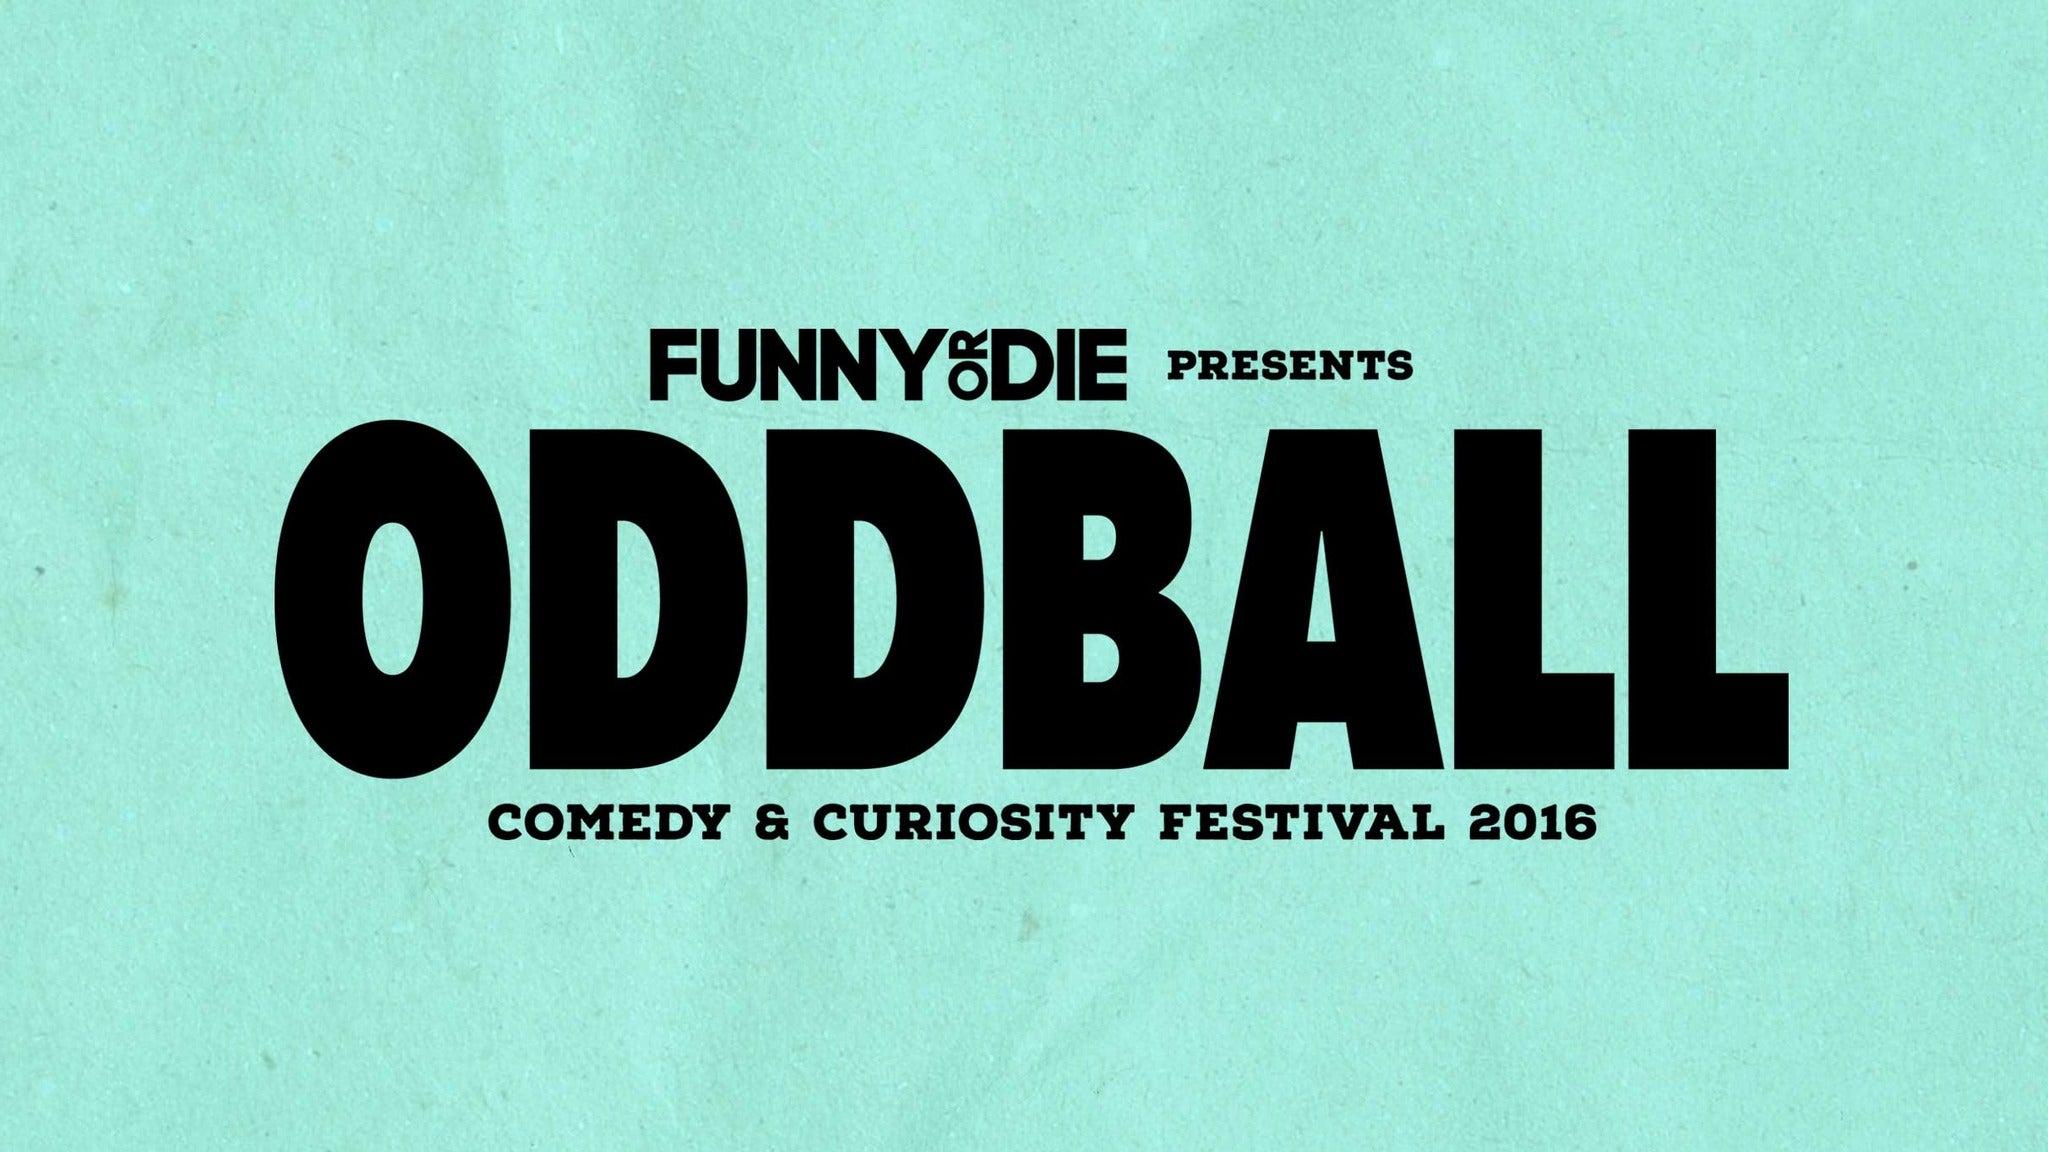 Premier Parking: Oddball Comedy Festival Aug 25, 2016